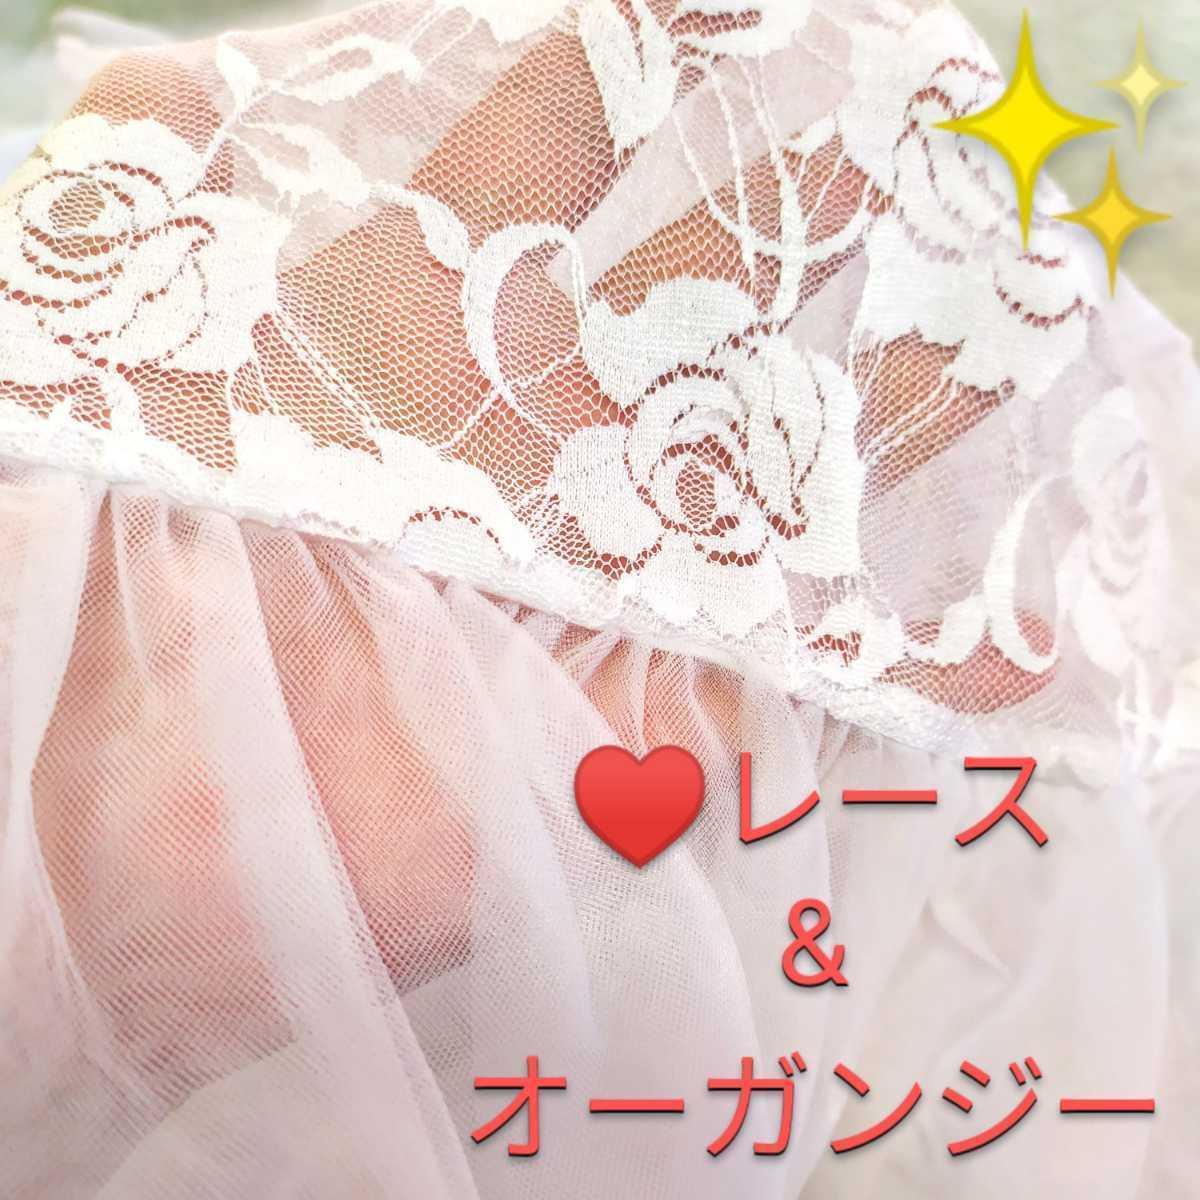 大特価☆妖精のブライダル☆セクシーランジェリーセット勝負下着セクシーコスプレエロコスプレベビードール Tバック _画像8